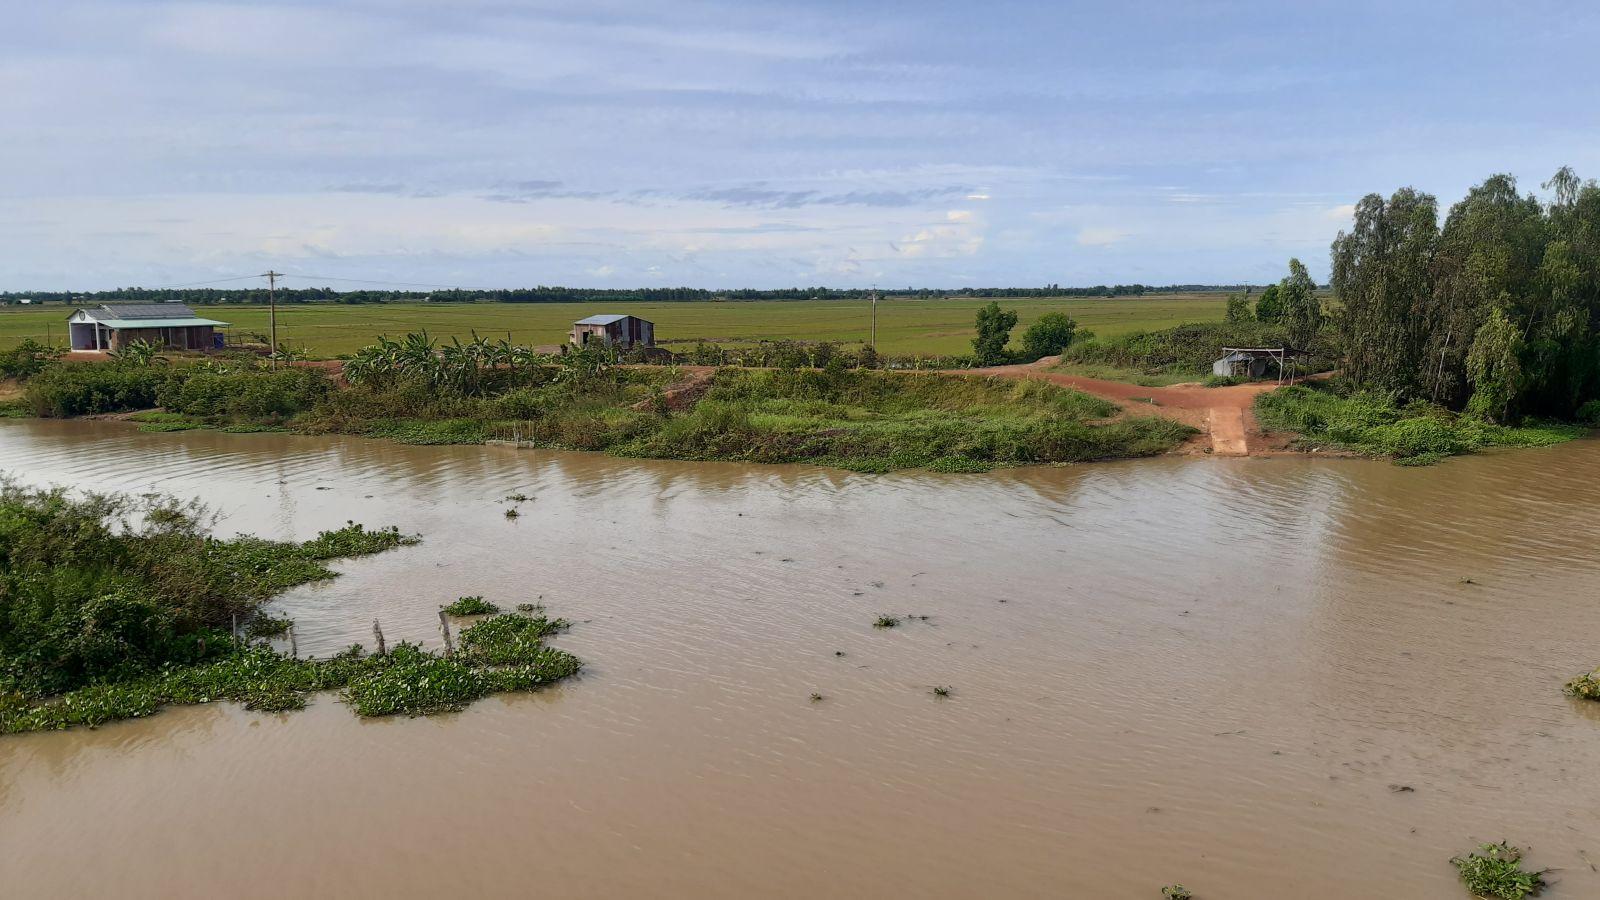 Hầu hết những cánh đồng nước lũ chưa ngập đến